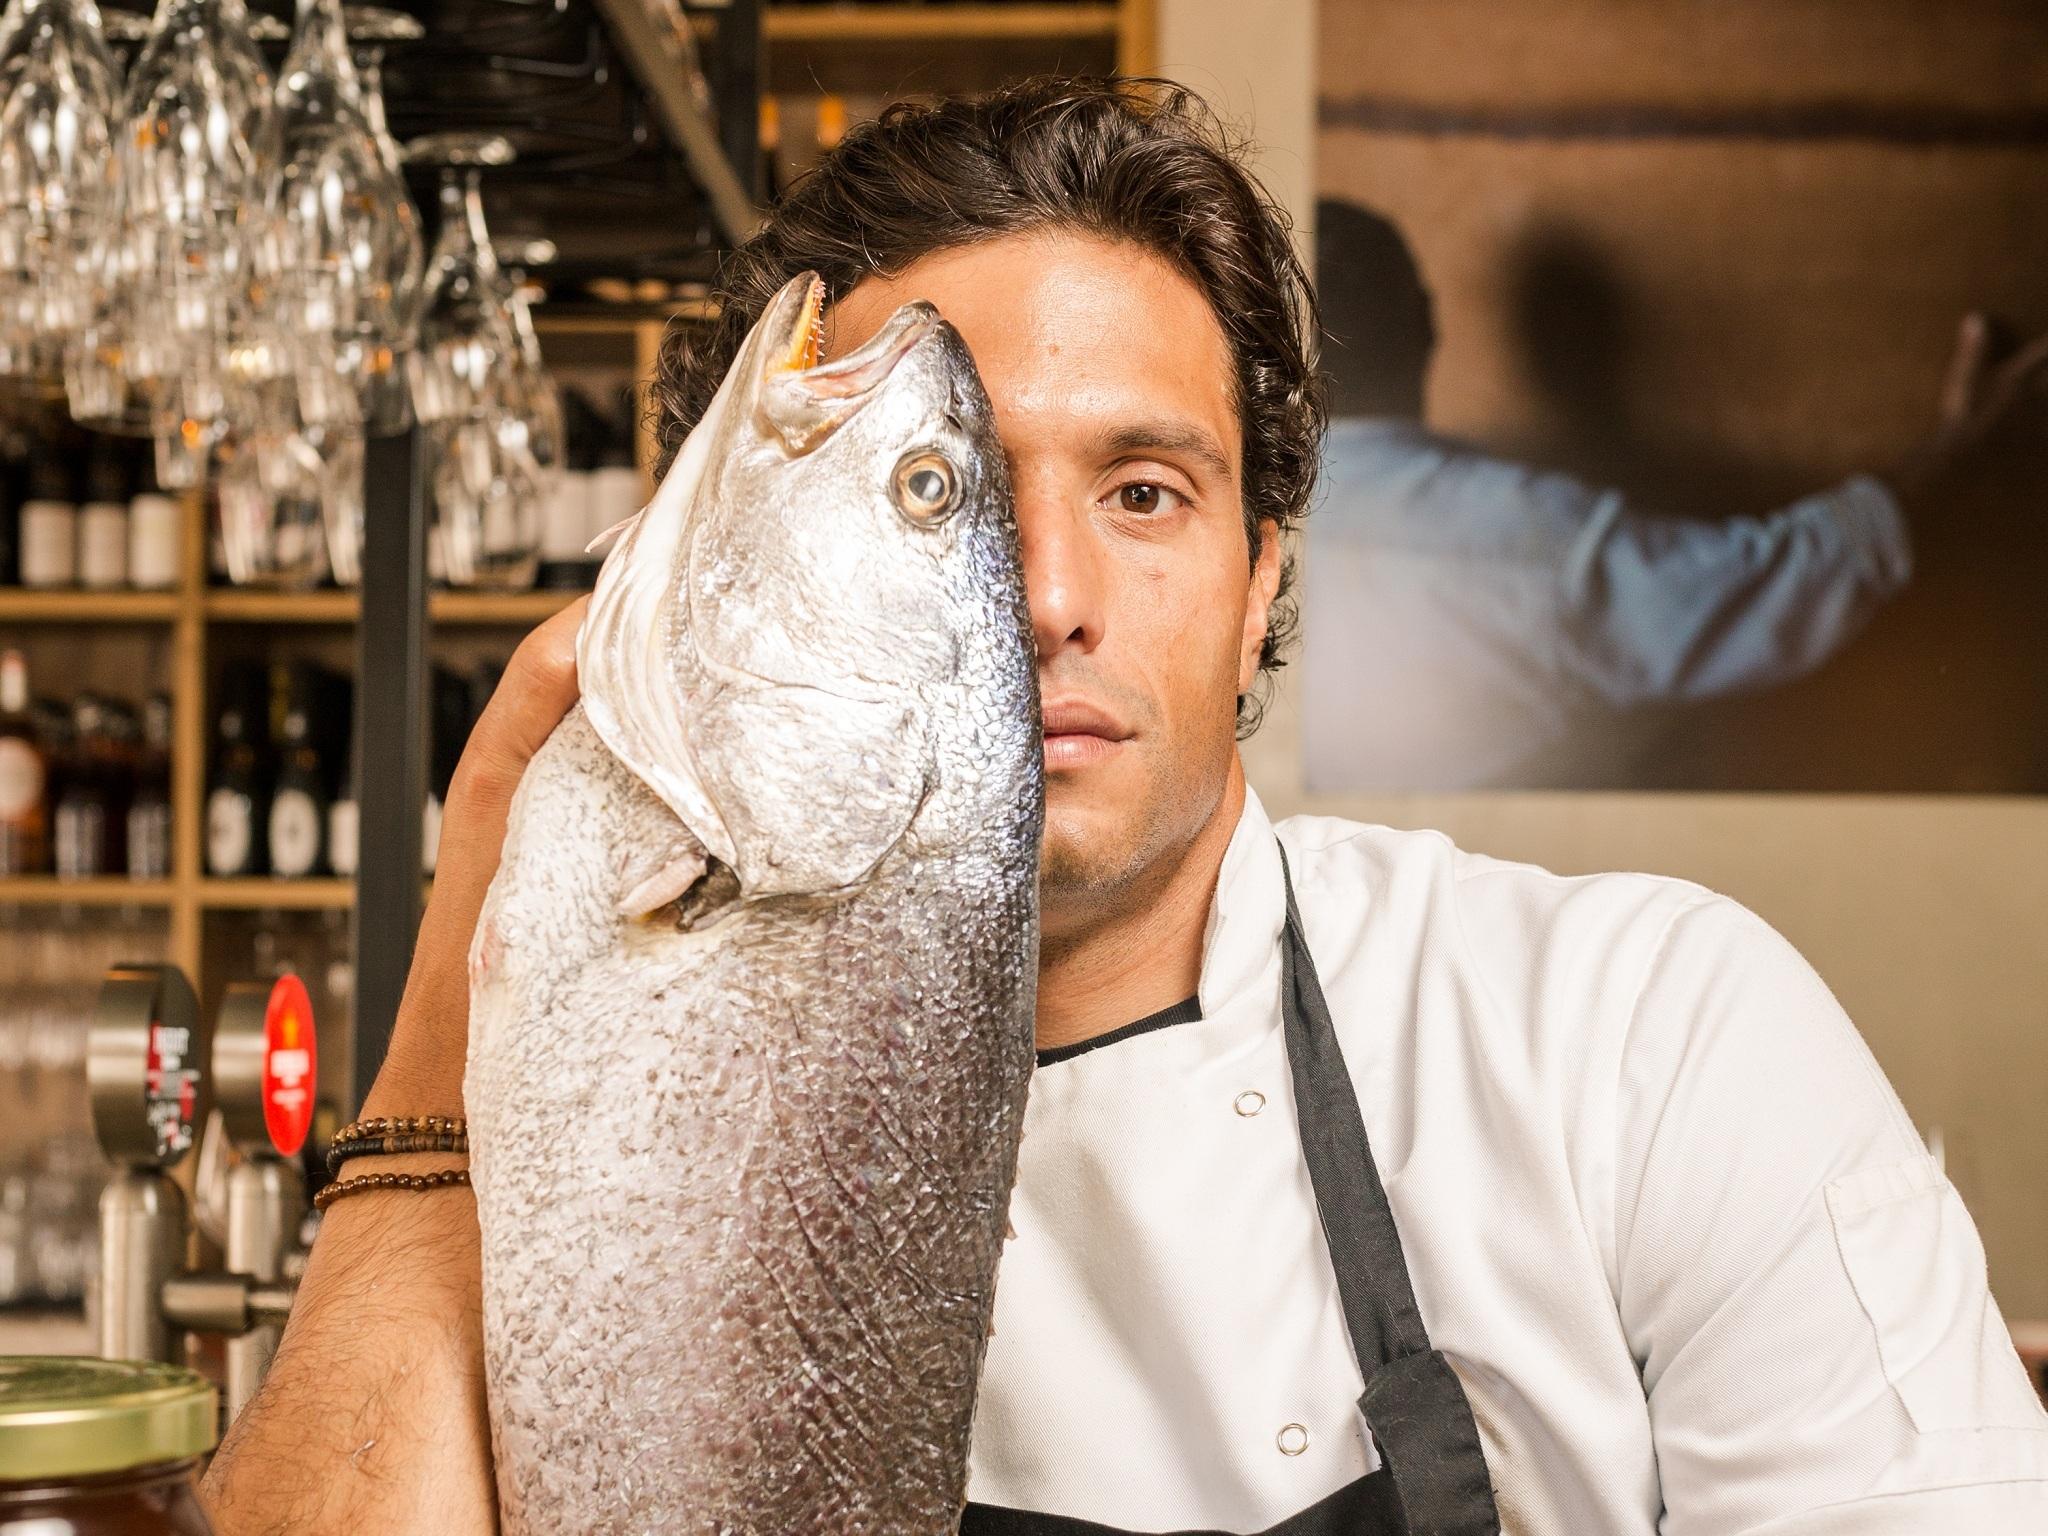 Chef, Carlos Afonso, O Frade